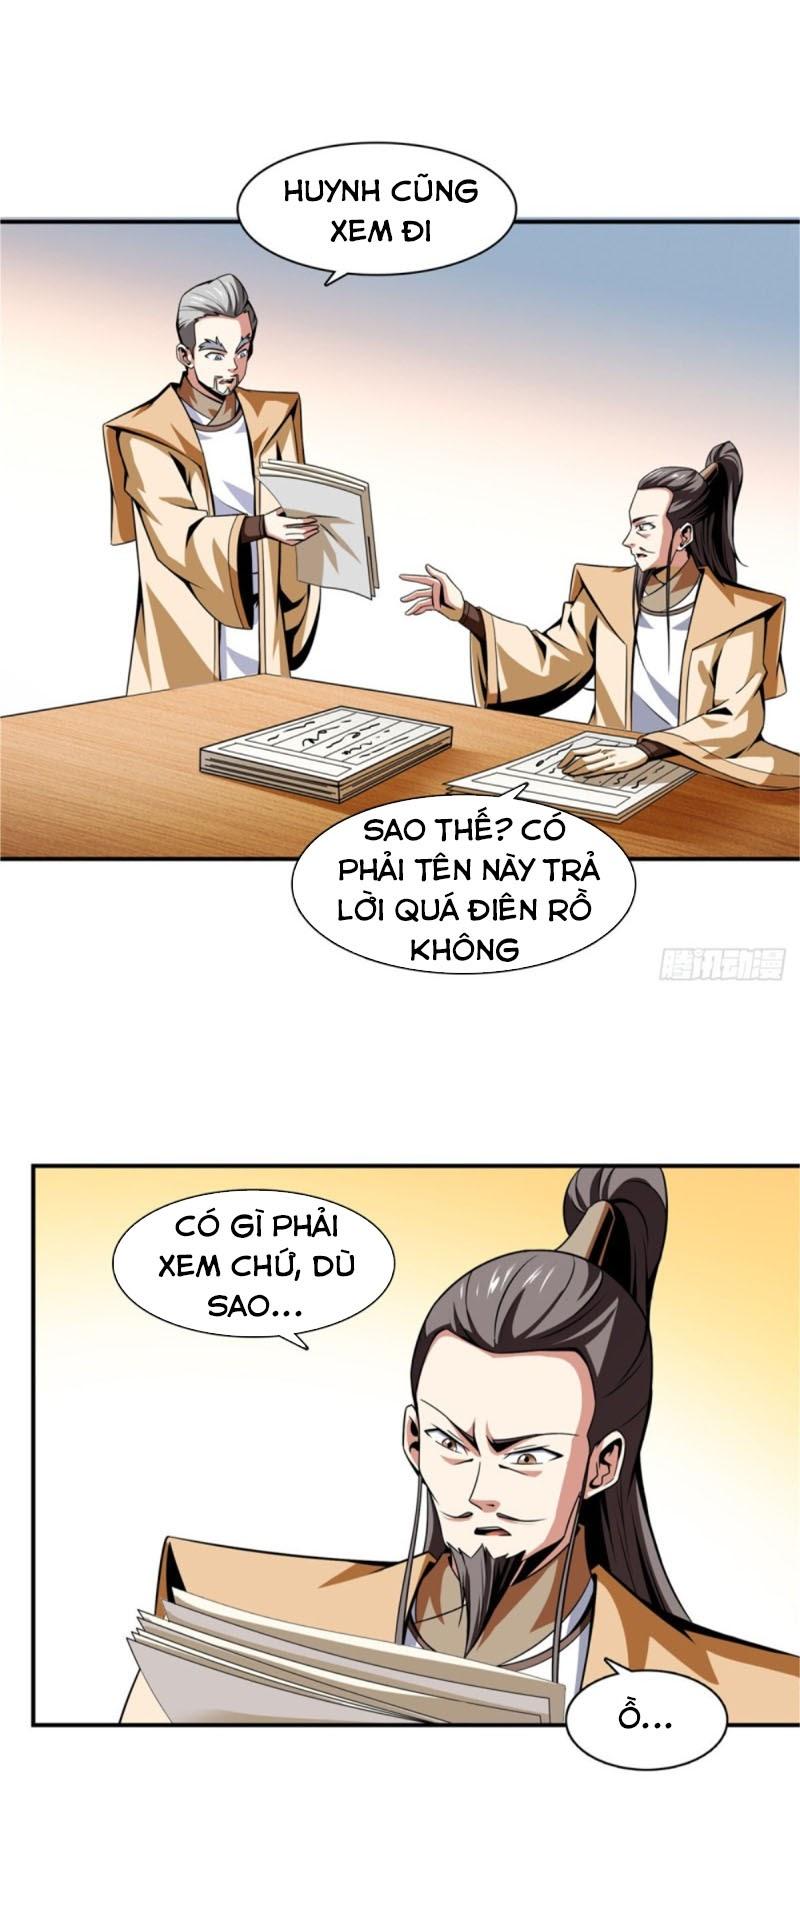 Thiên Đạo Đồ Thư Quán Chapter 57 - Trang 17